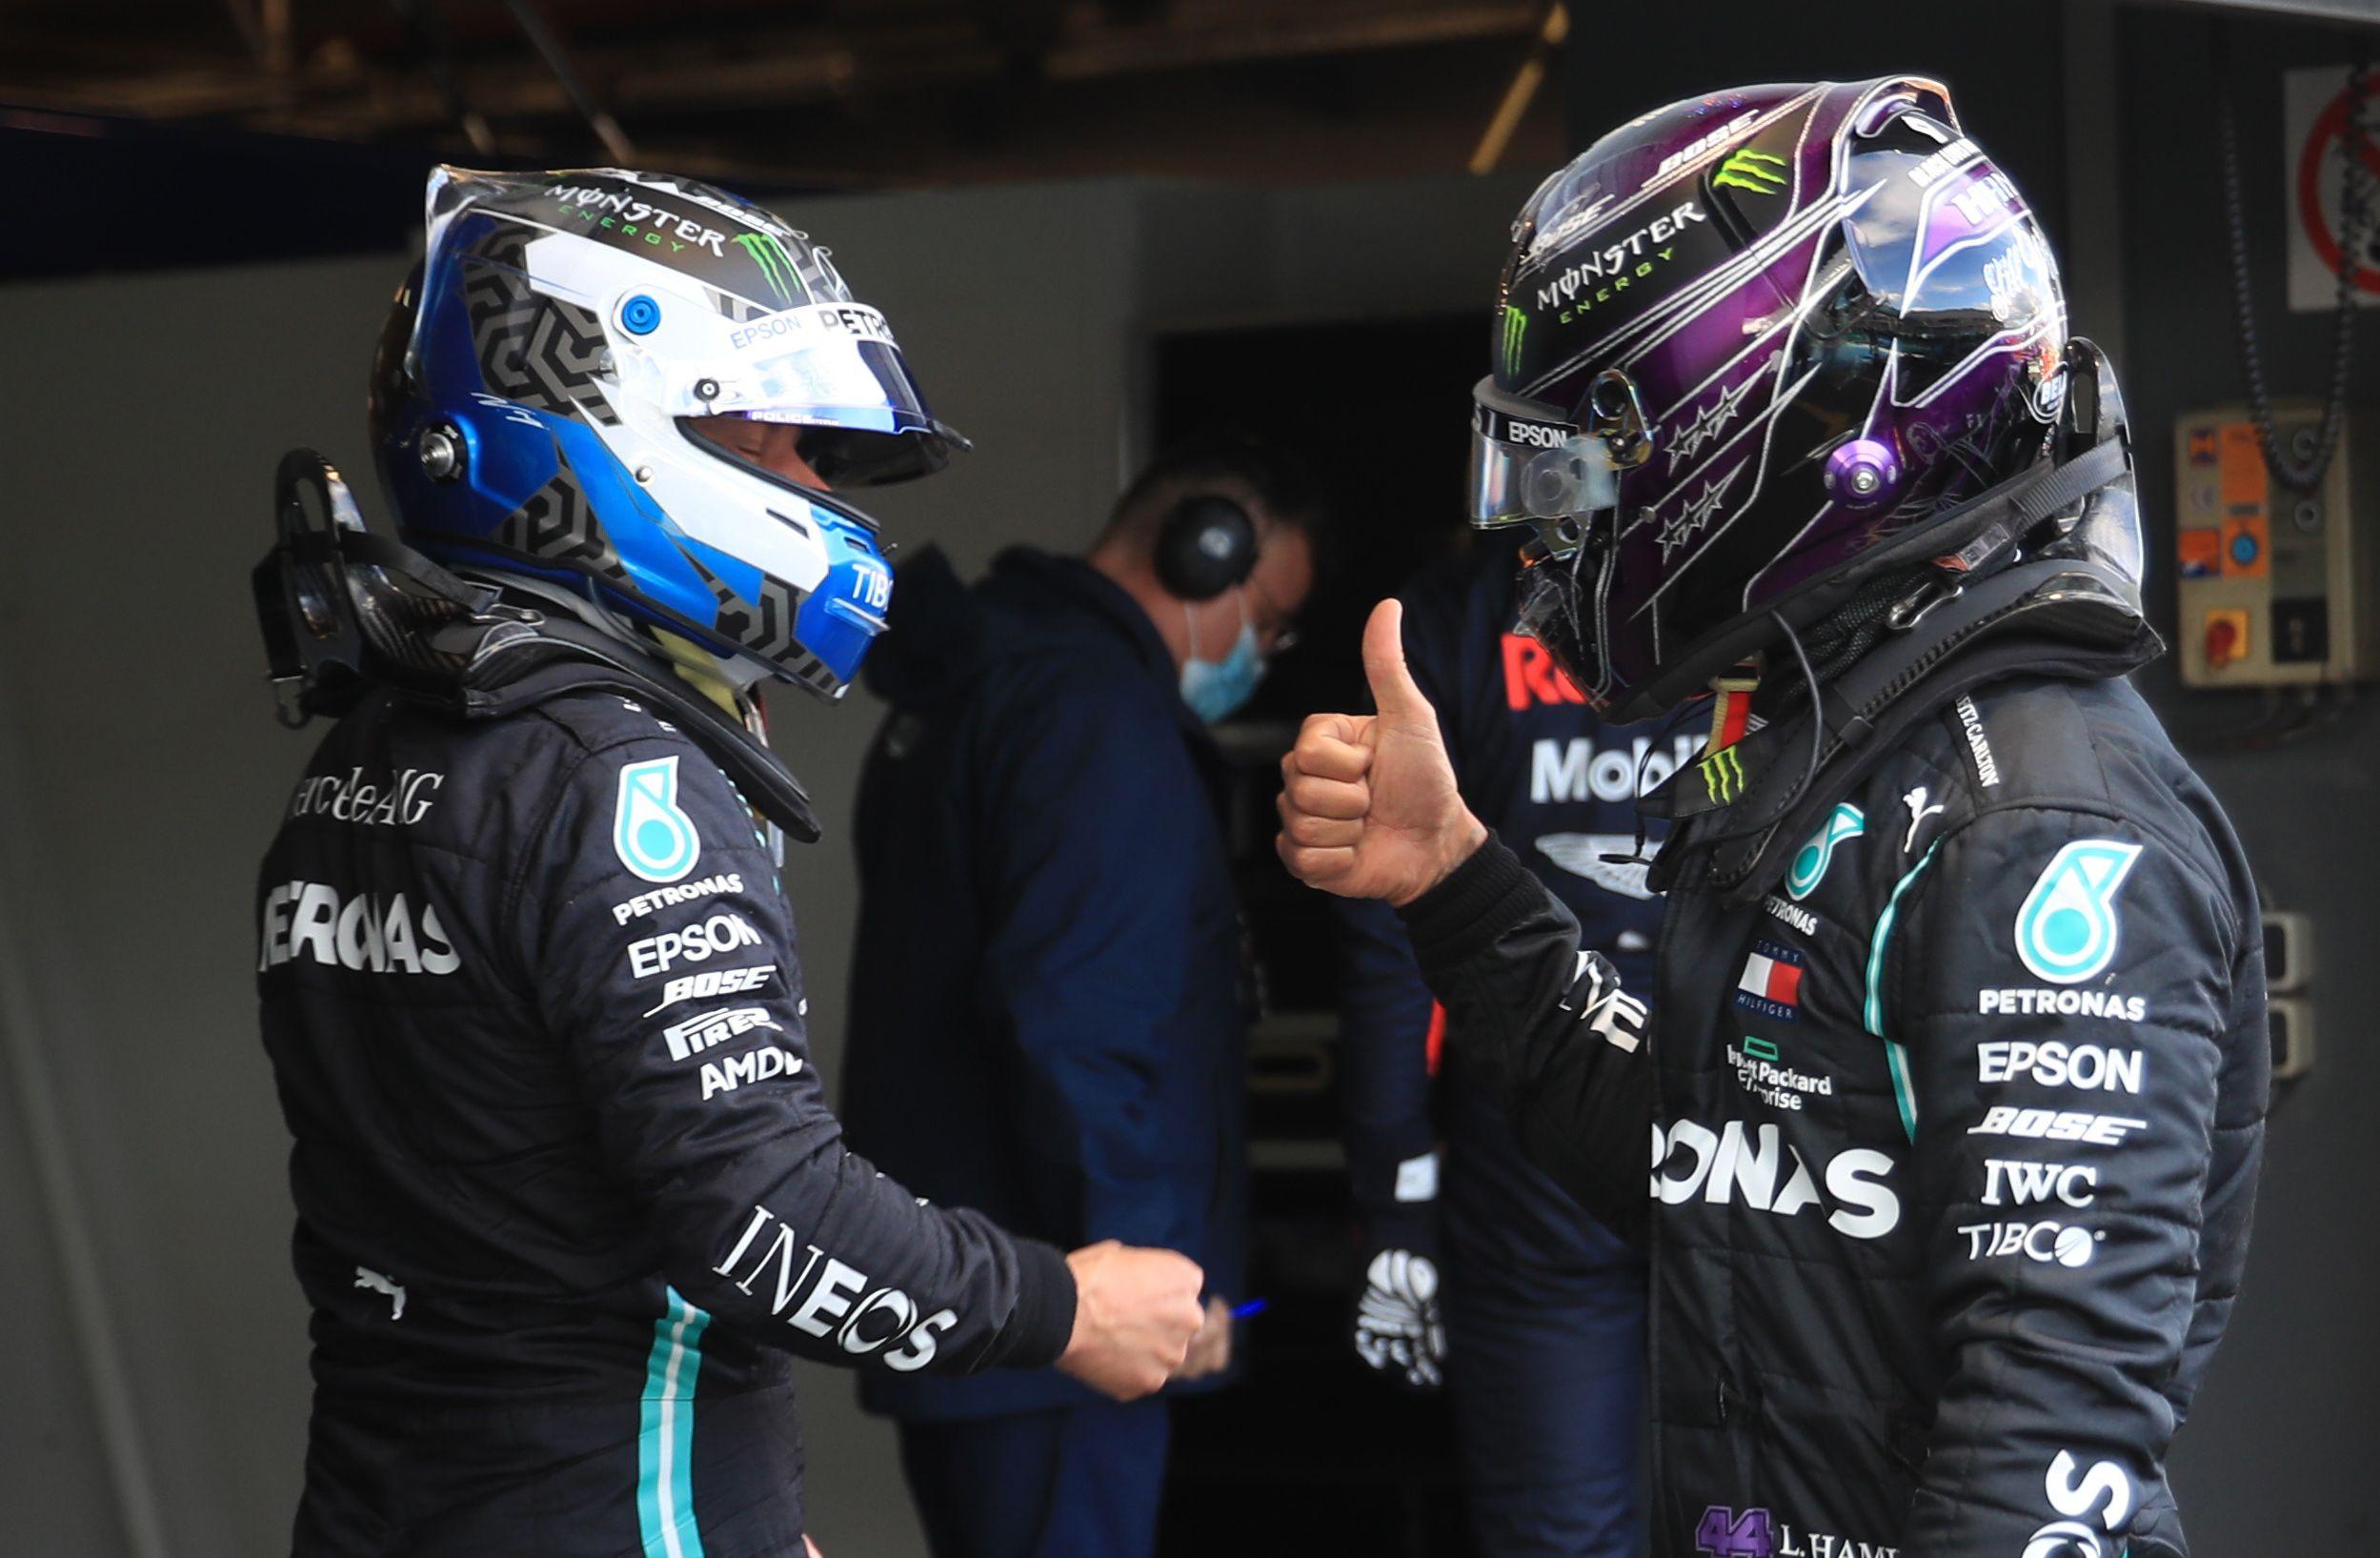 Valtteri Bottas saldrá desde la pole y Hamilton en el segundo lugar. Verstappen lo hará en el tercero